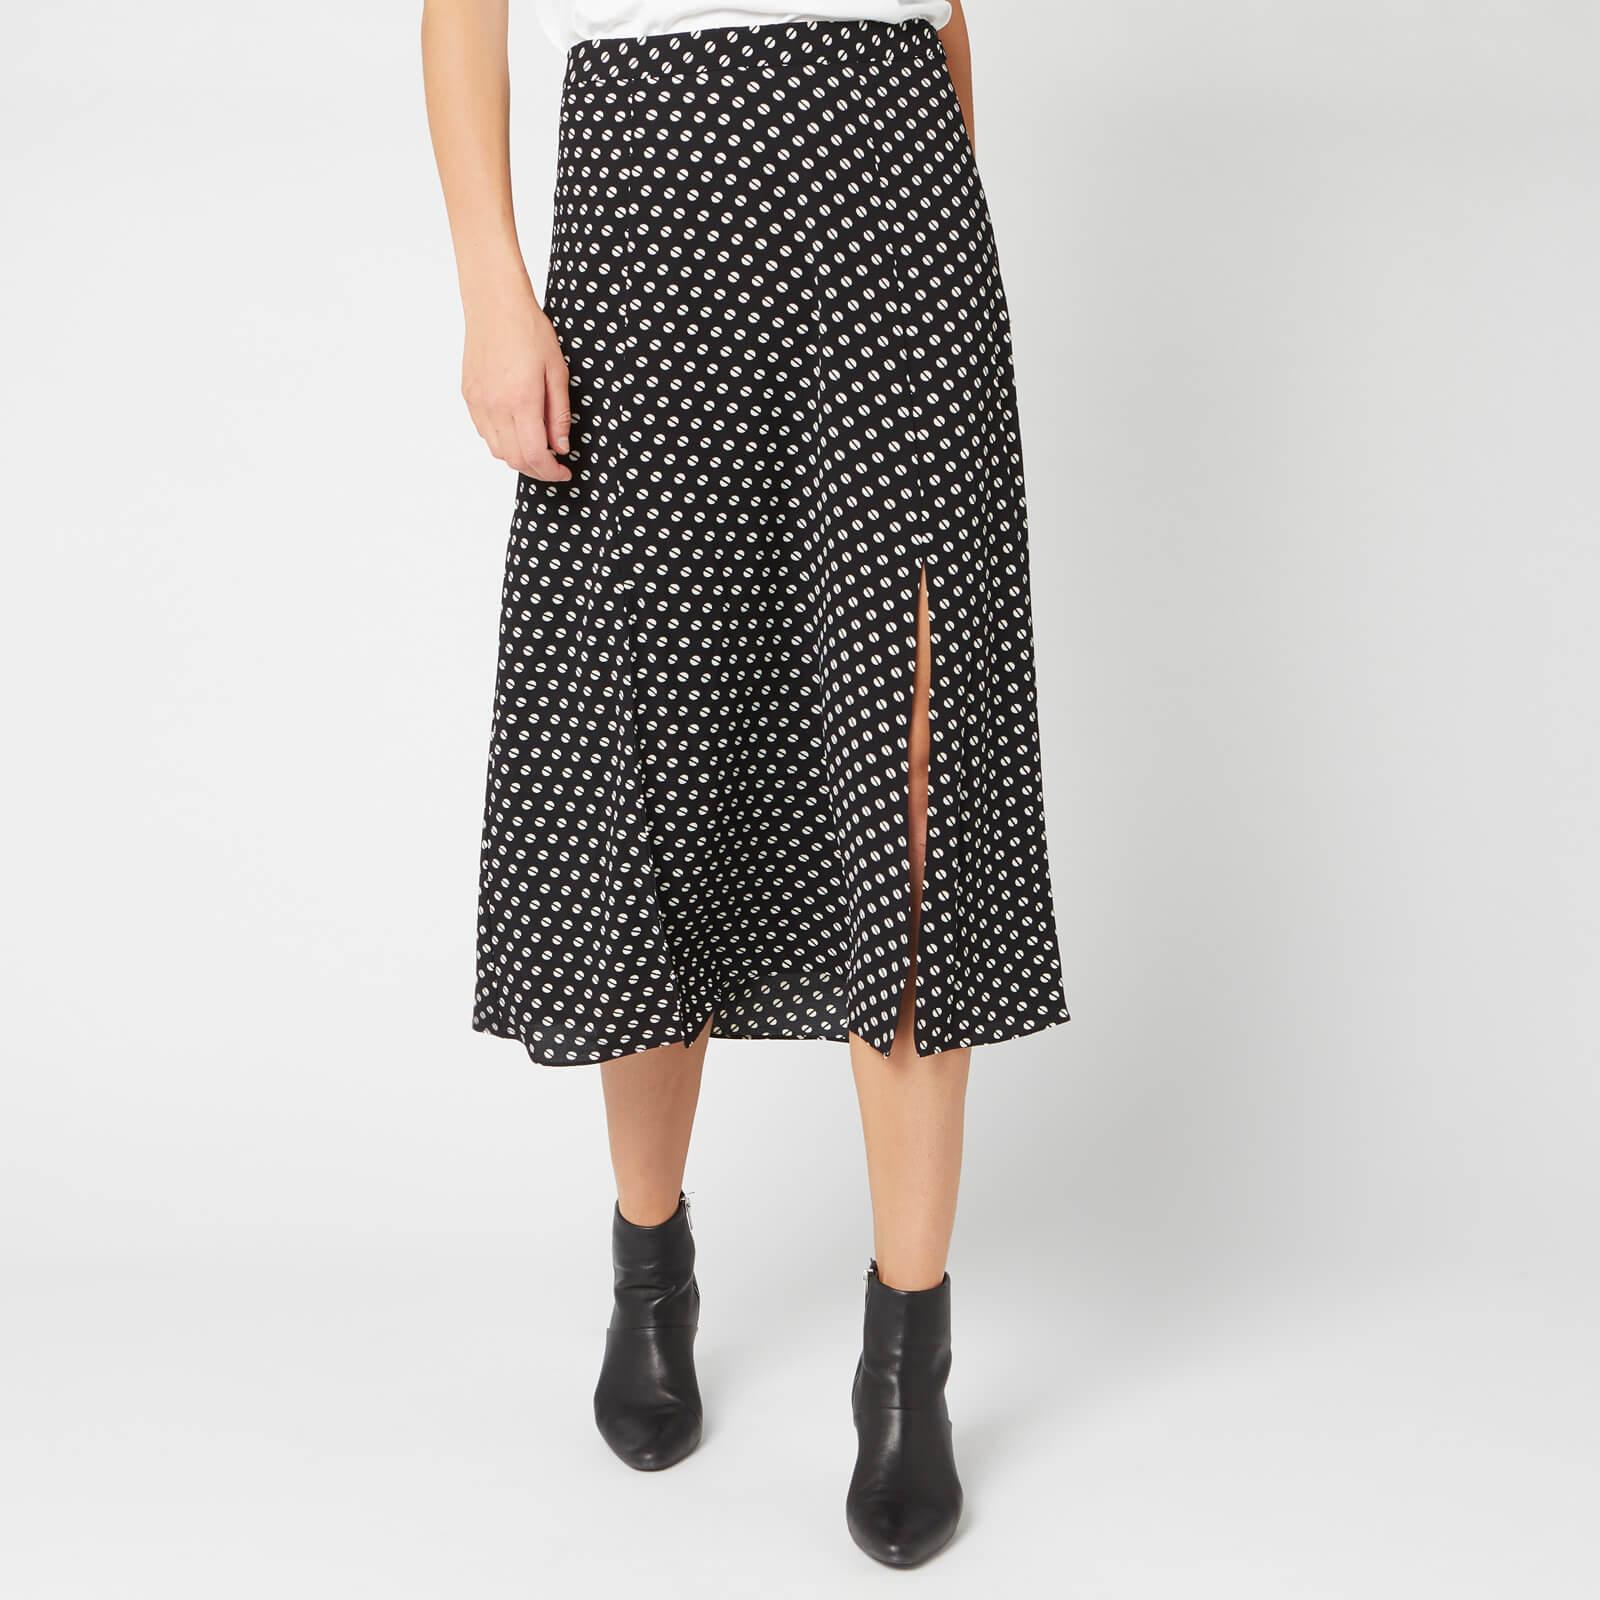 MICHAEL MICHAEL KORS Women's Slit Front Skirt - Black/Bone - US 4/UK 8 - Black